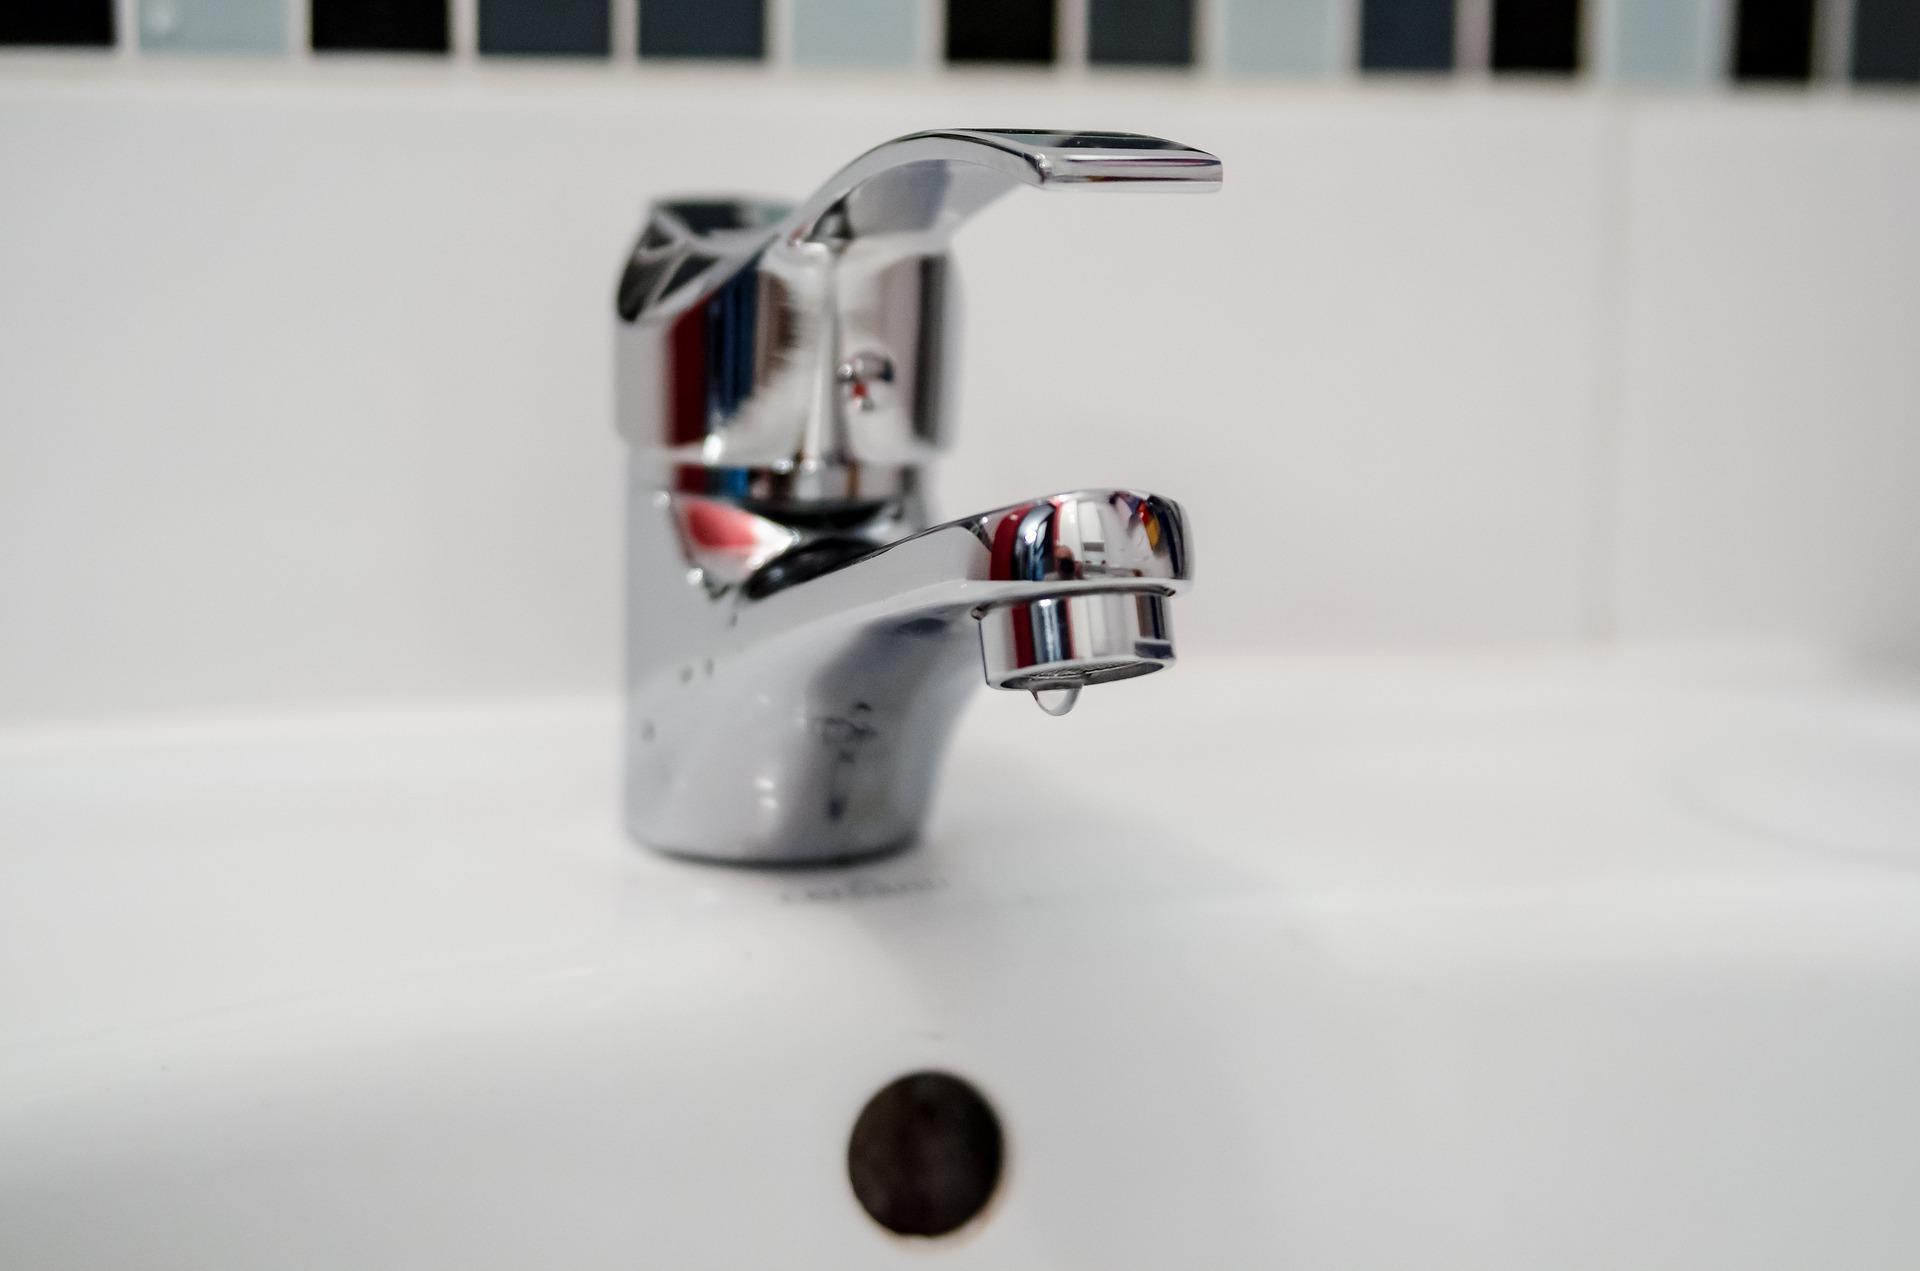 Lavori all'acquedotto, stop all'erogazione idrica per 970 utenti di Viareggio